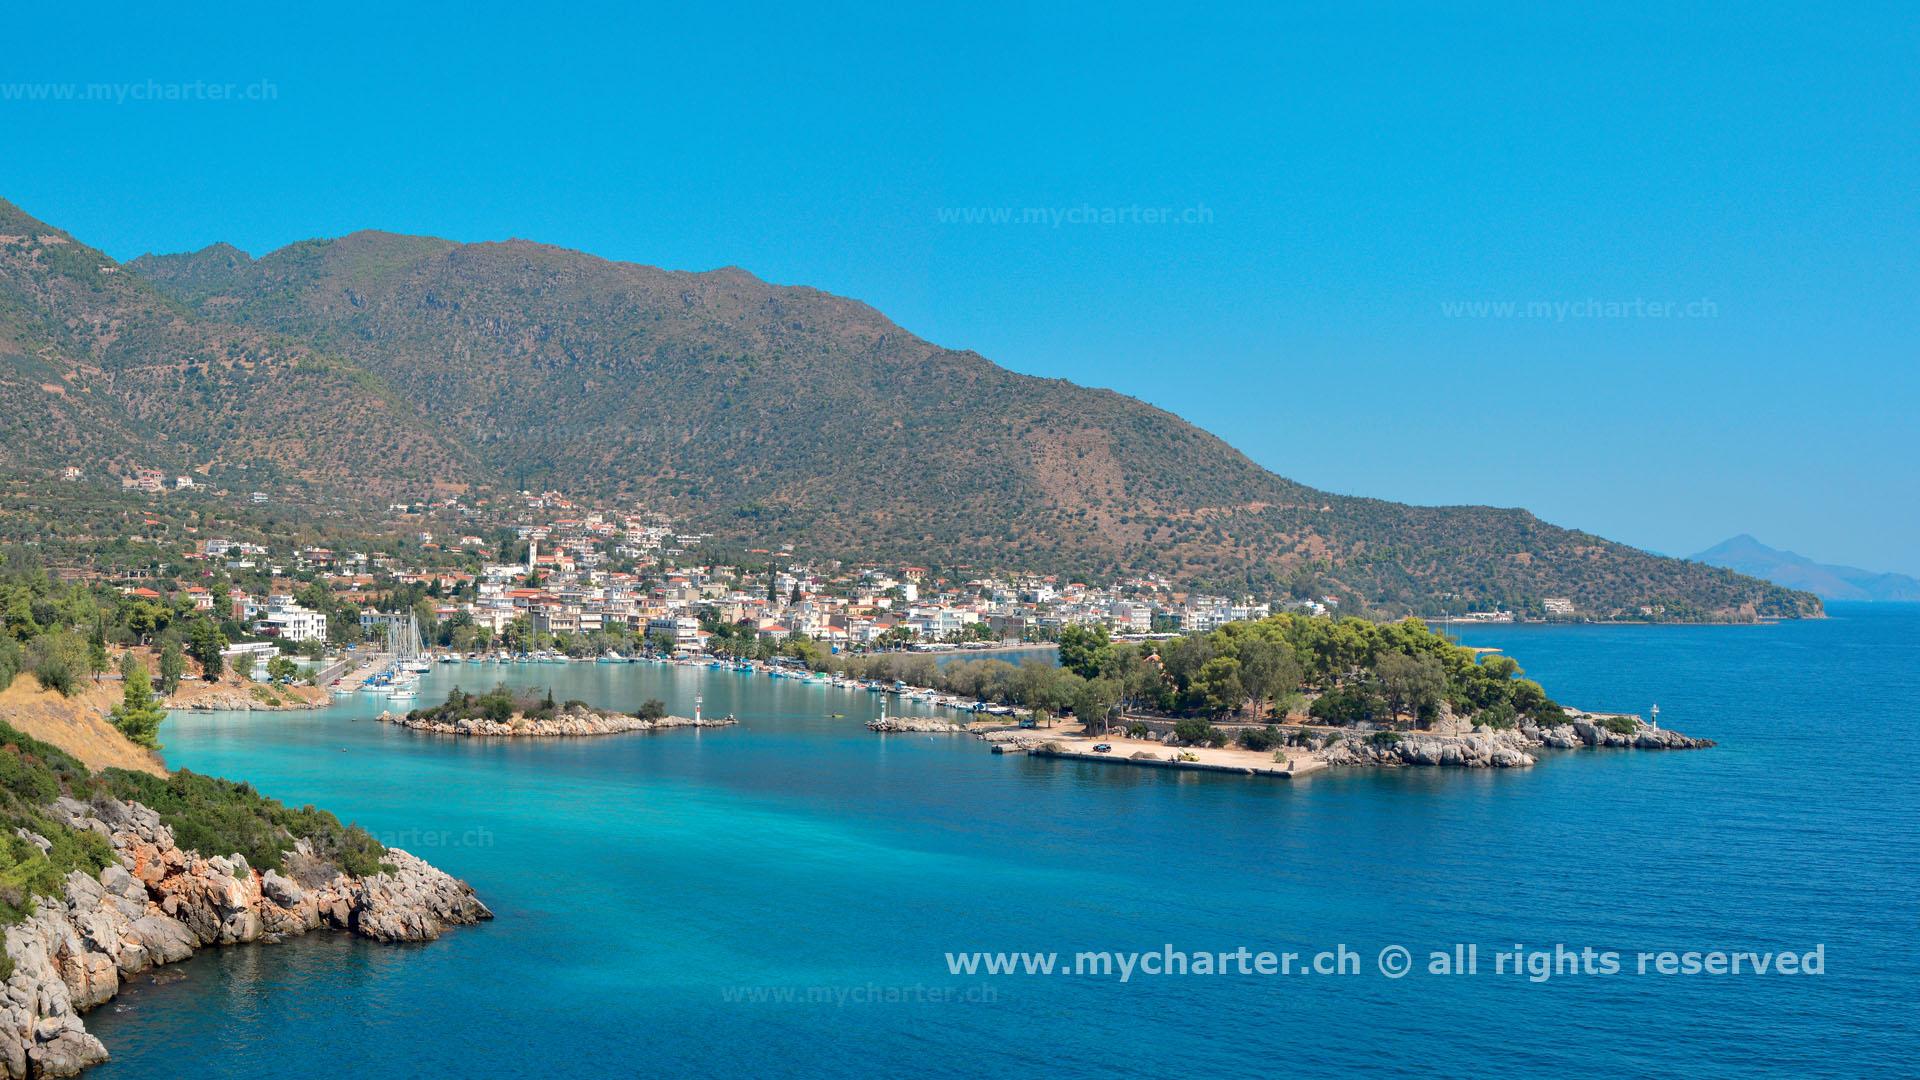 Griechenland - Methana